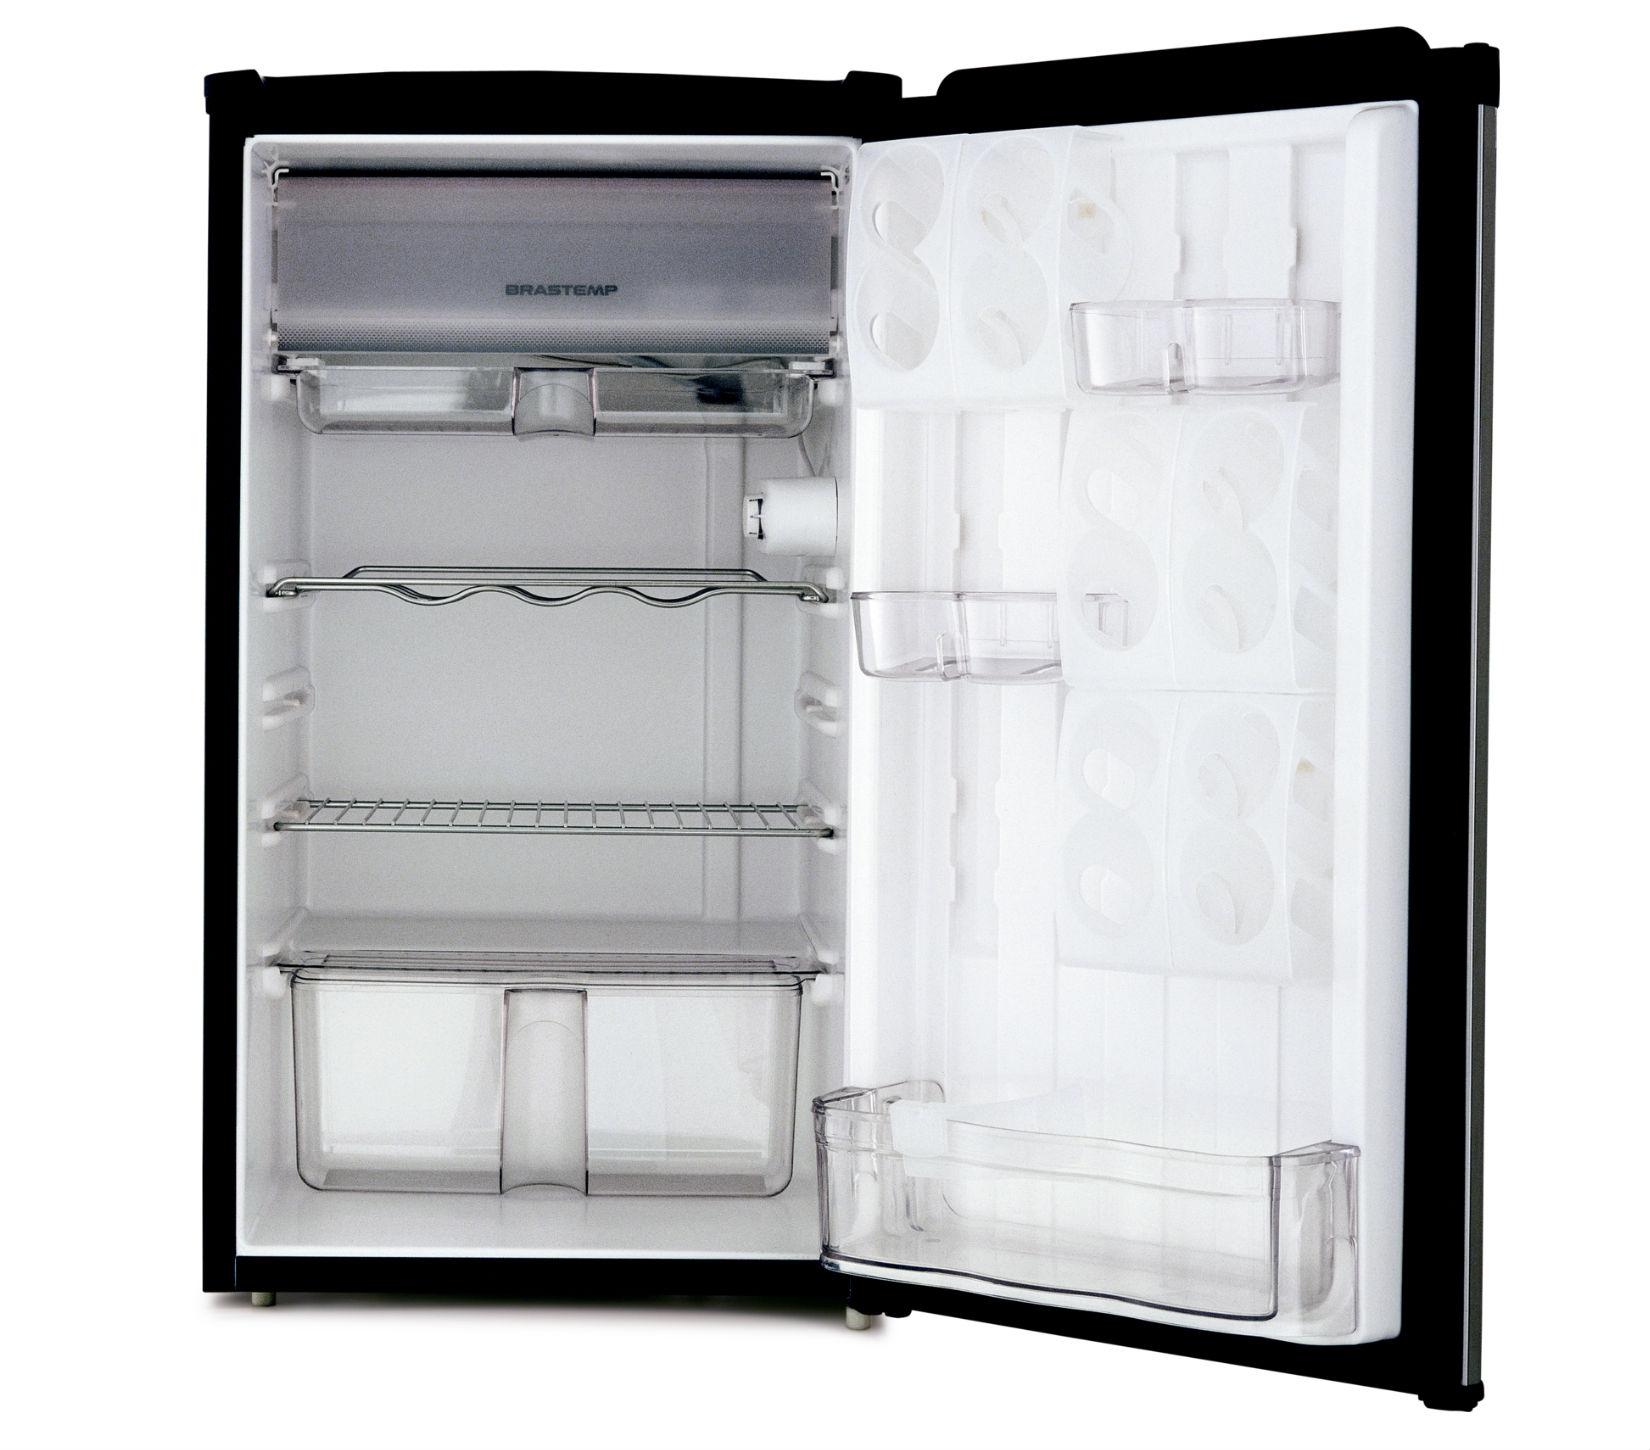 Geladeira/refrigerador 120 Litros 1 Portas Inox - Brastemp - 220v - Brc12xkbna